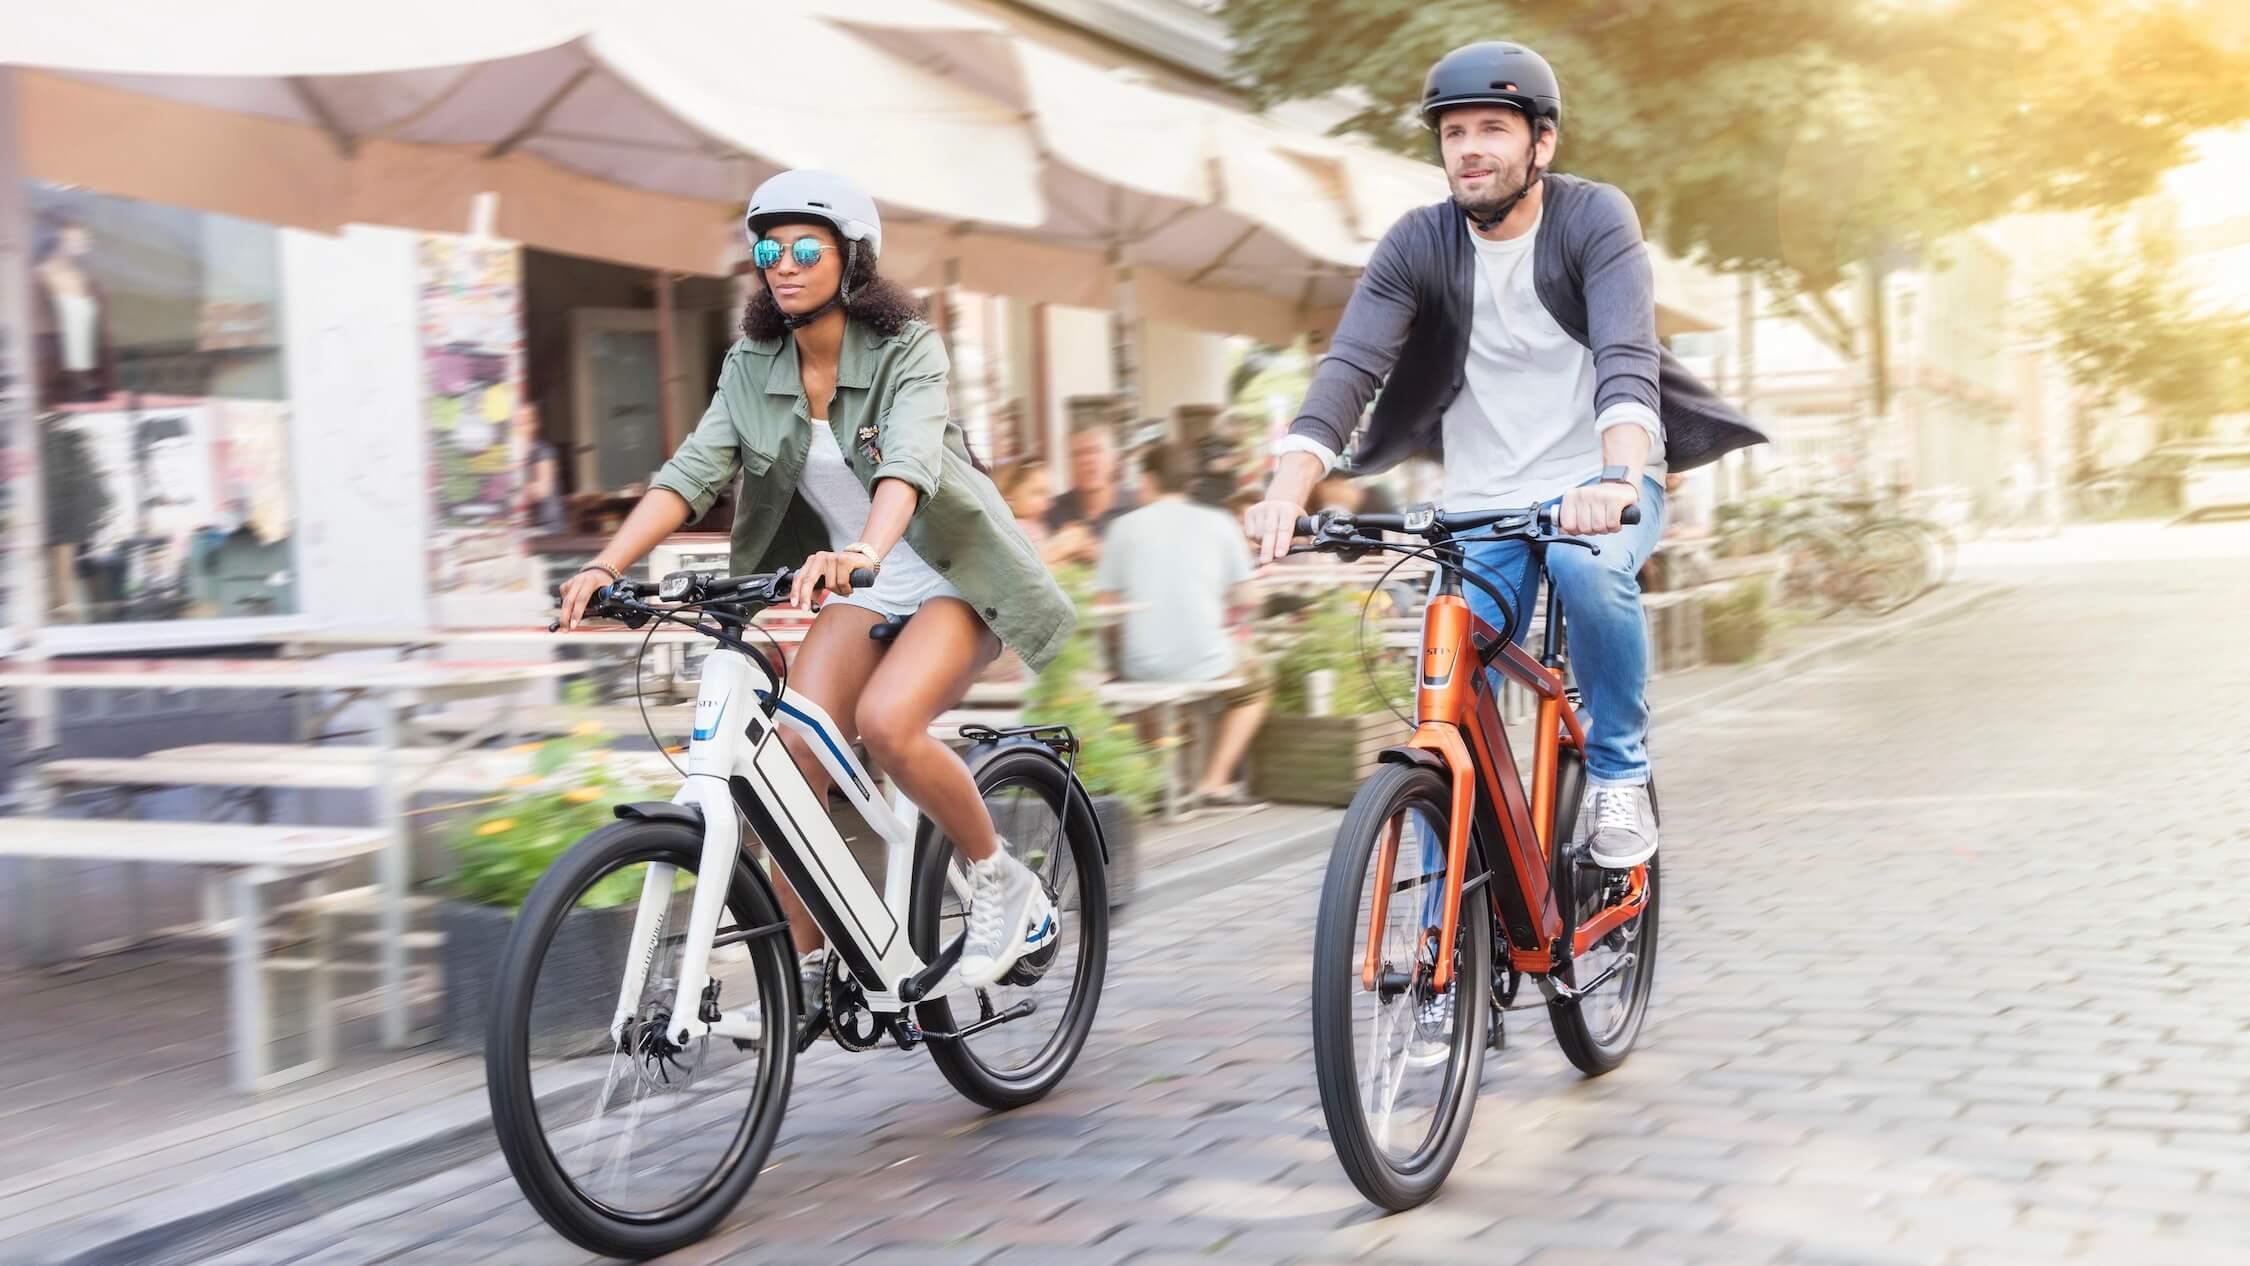 stromer elektrische fiets foto